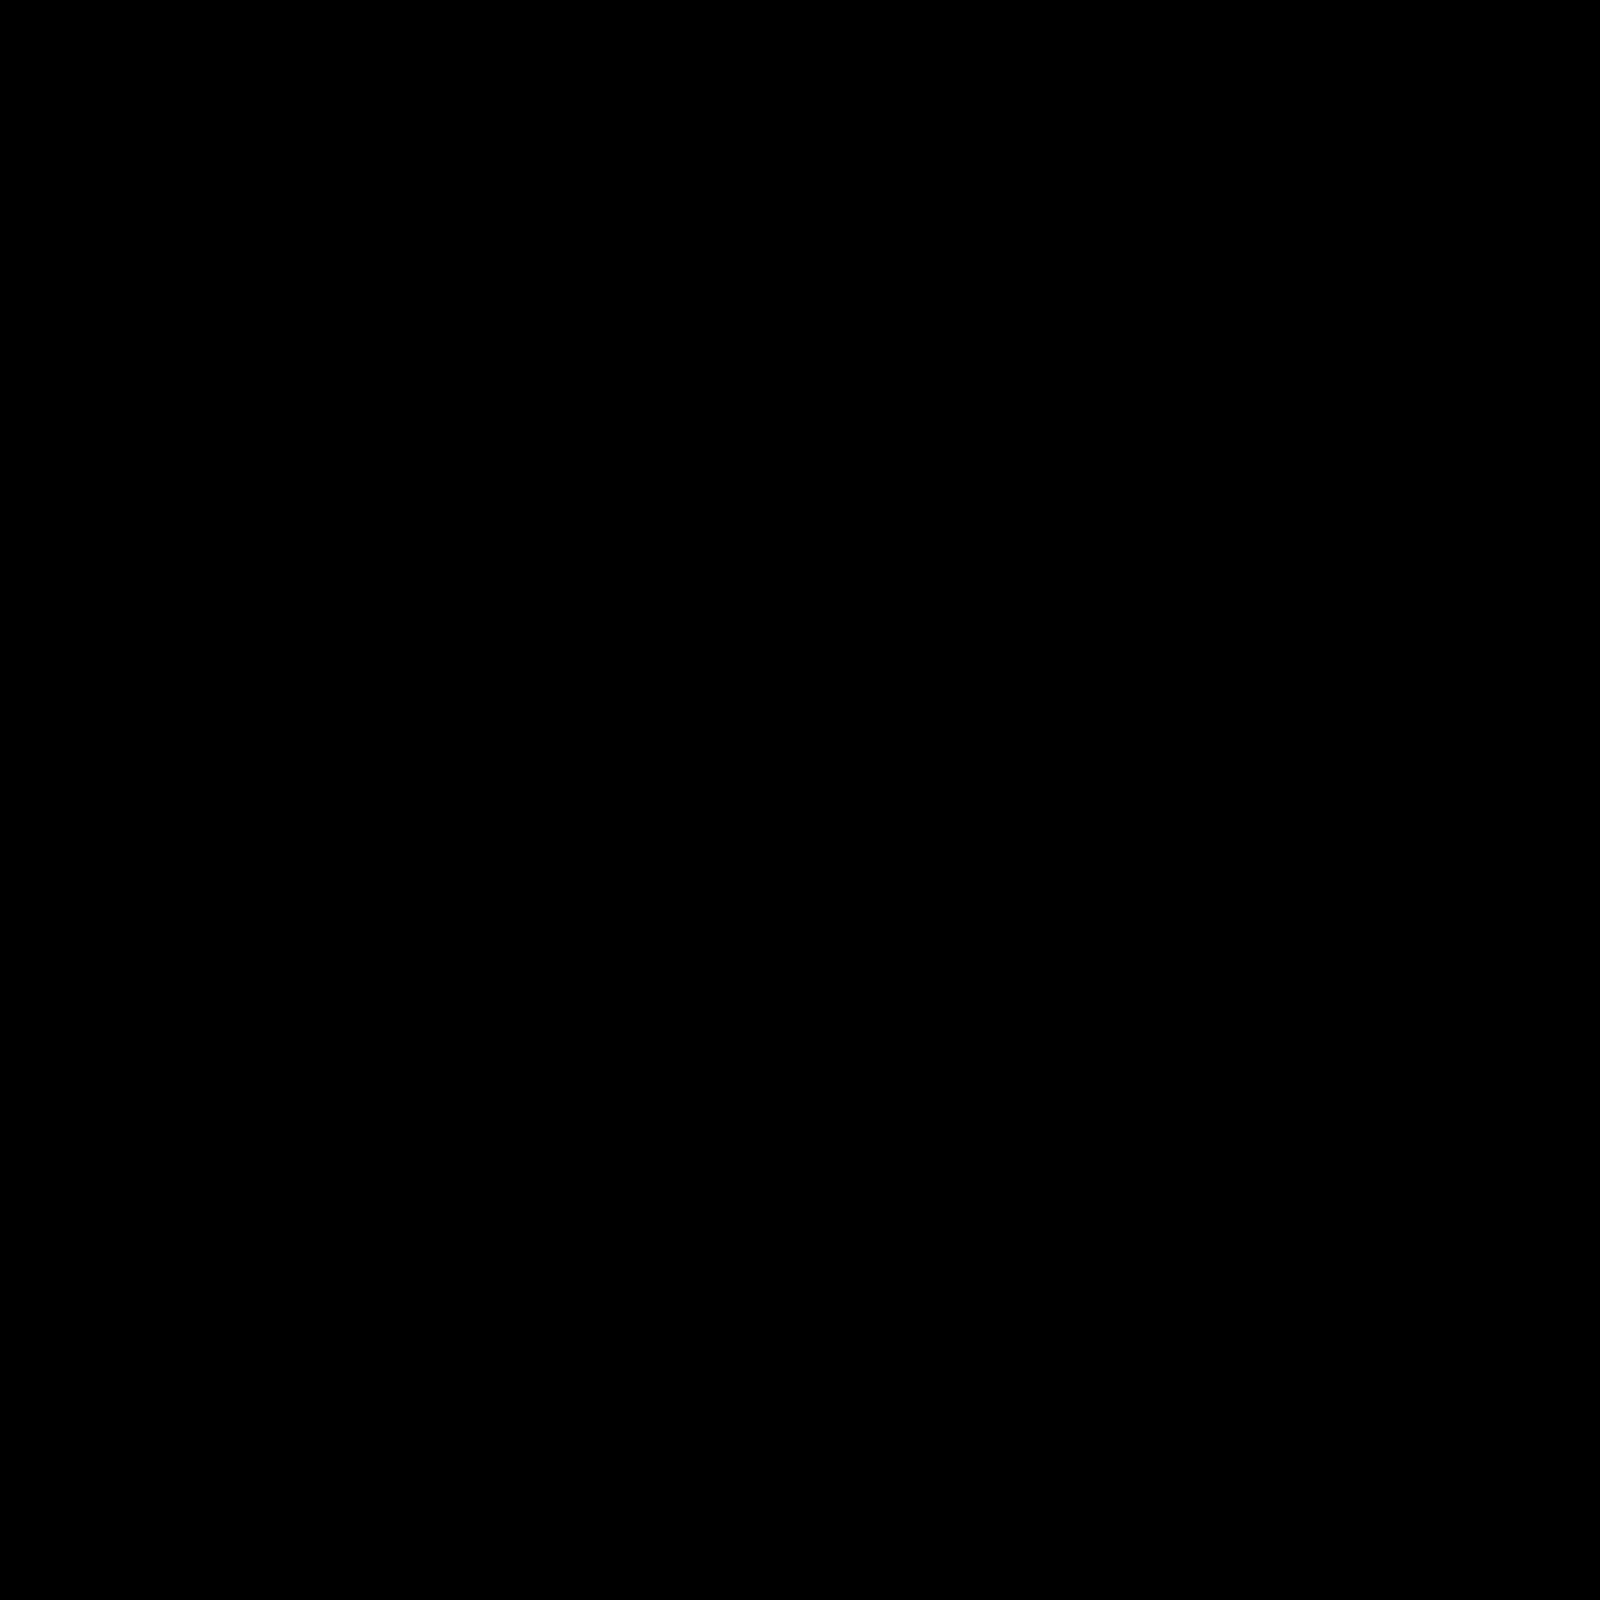 Klawiatura numeryczna icon